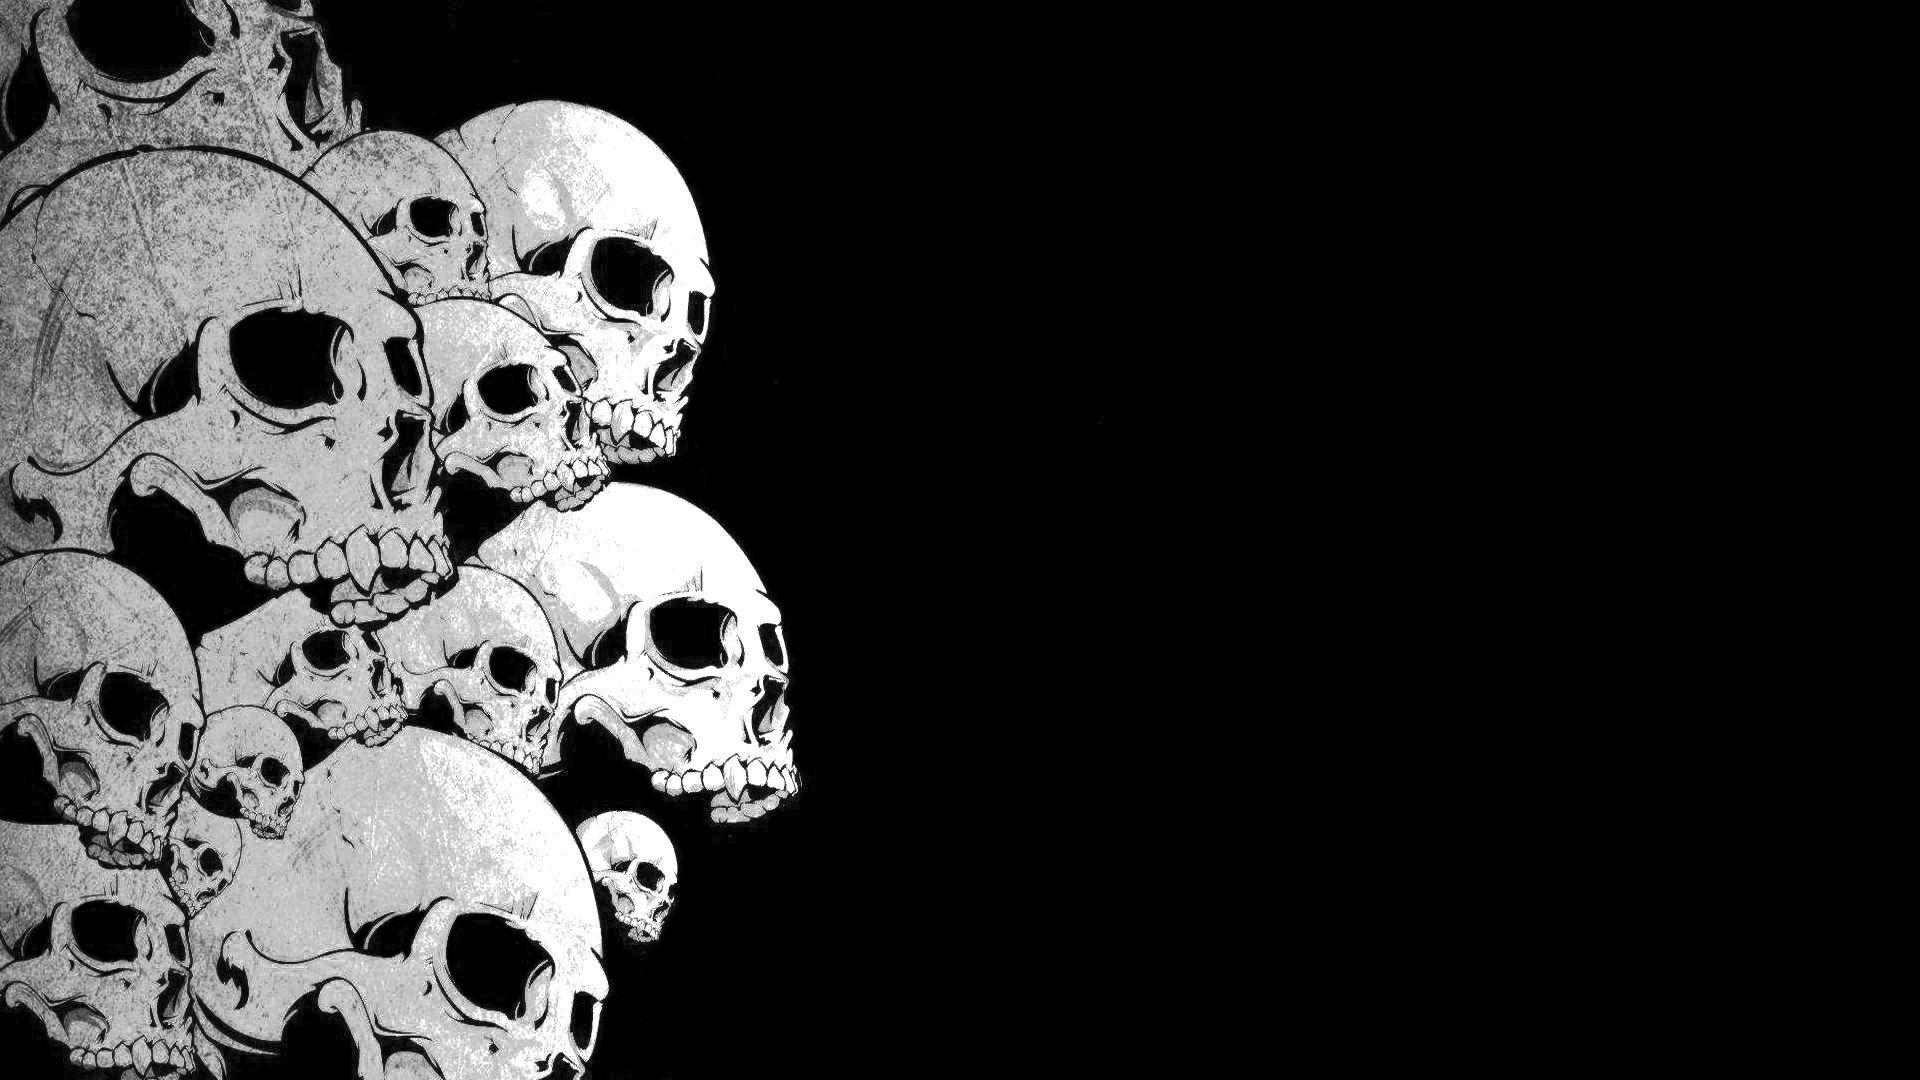 3D : Skull Wallpaper Free PC 1080x1920px Skull Wallpaper. Skull .